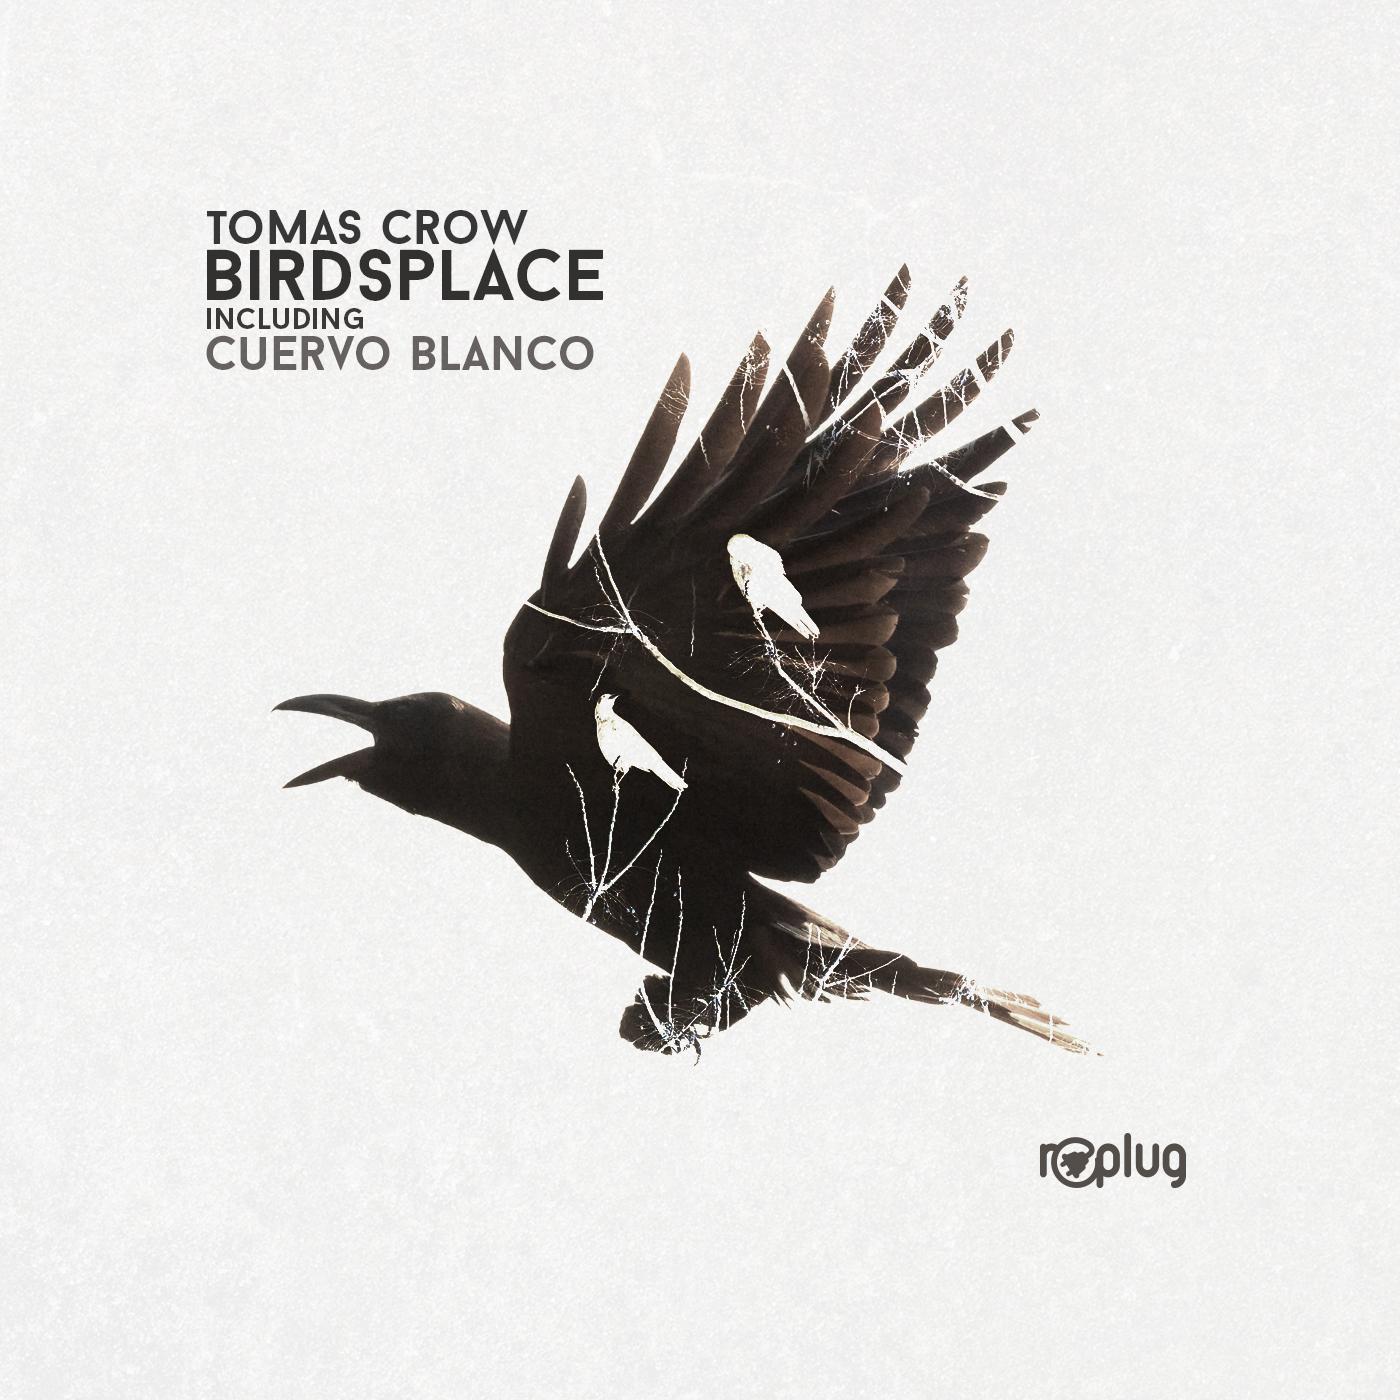 Tomas Crow - Birdsplace EP